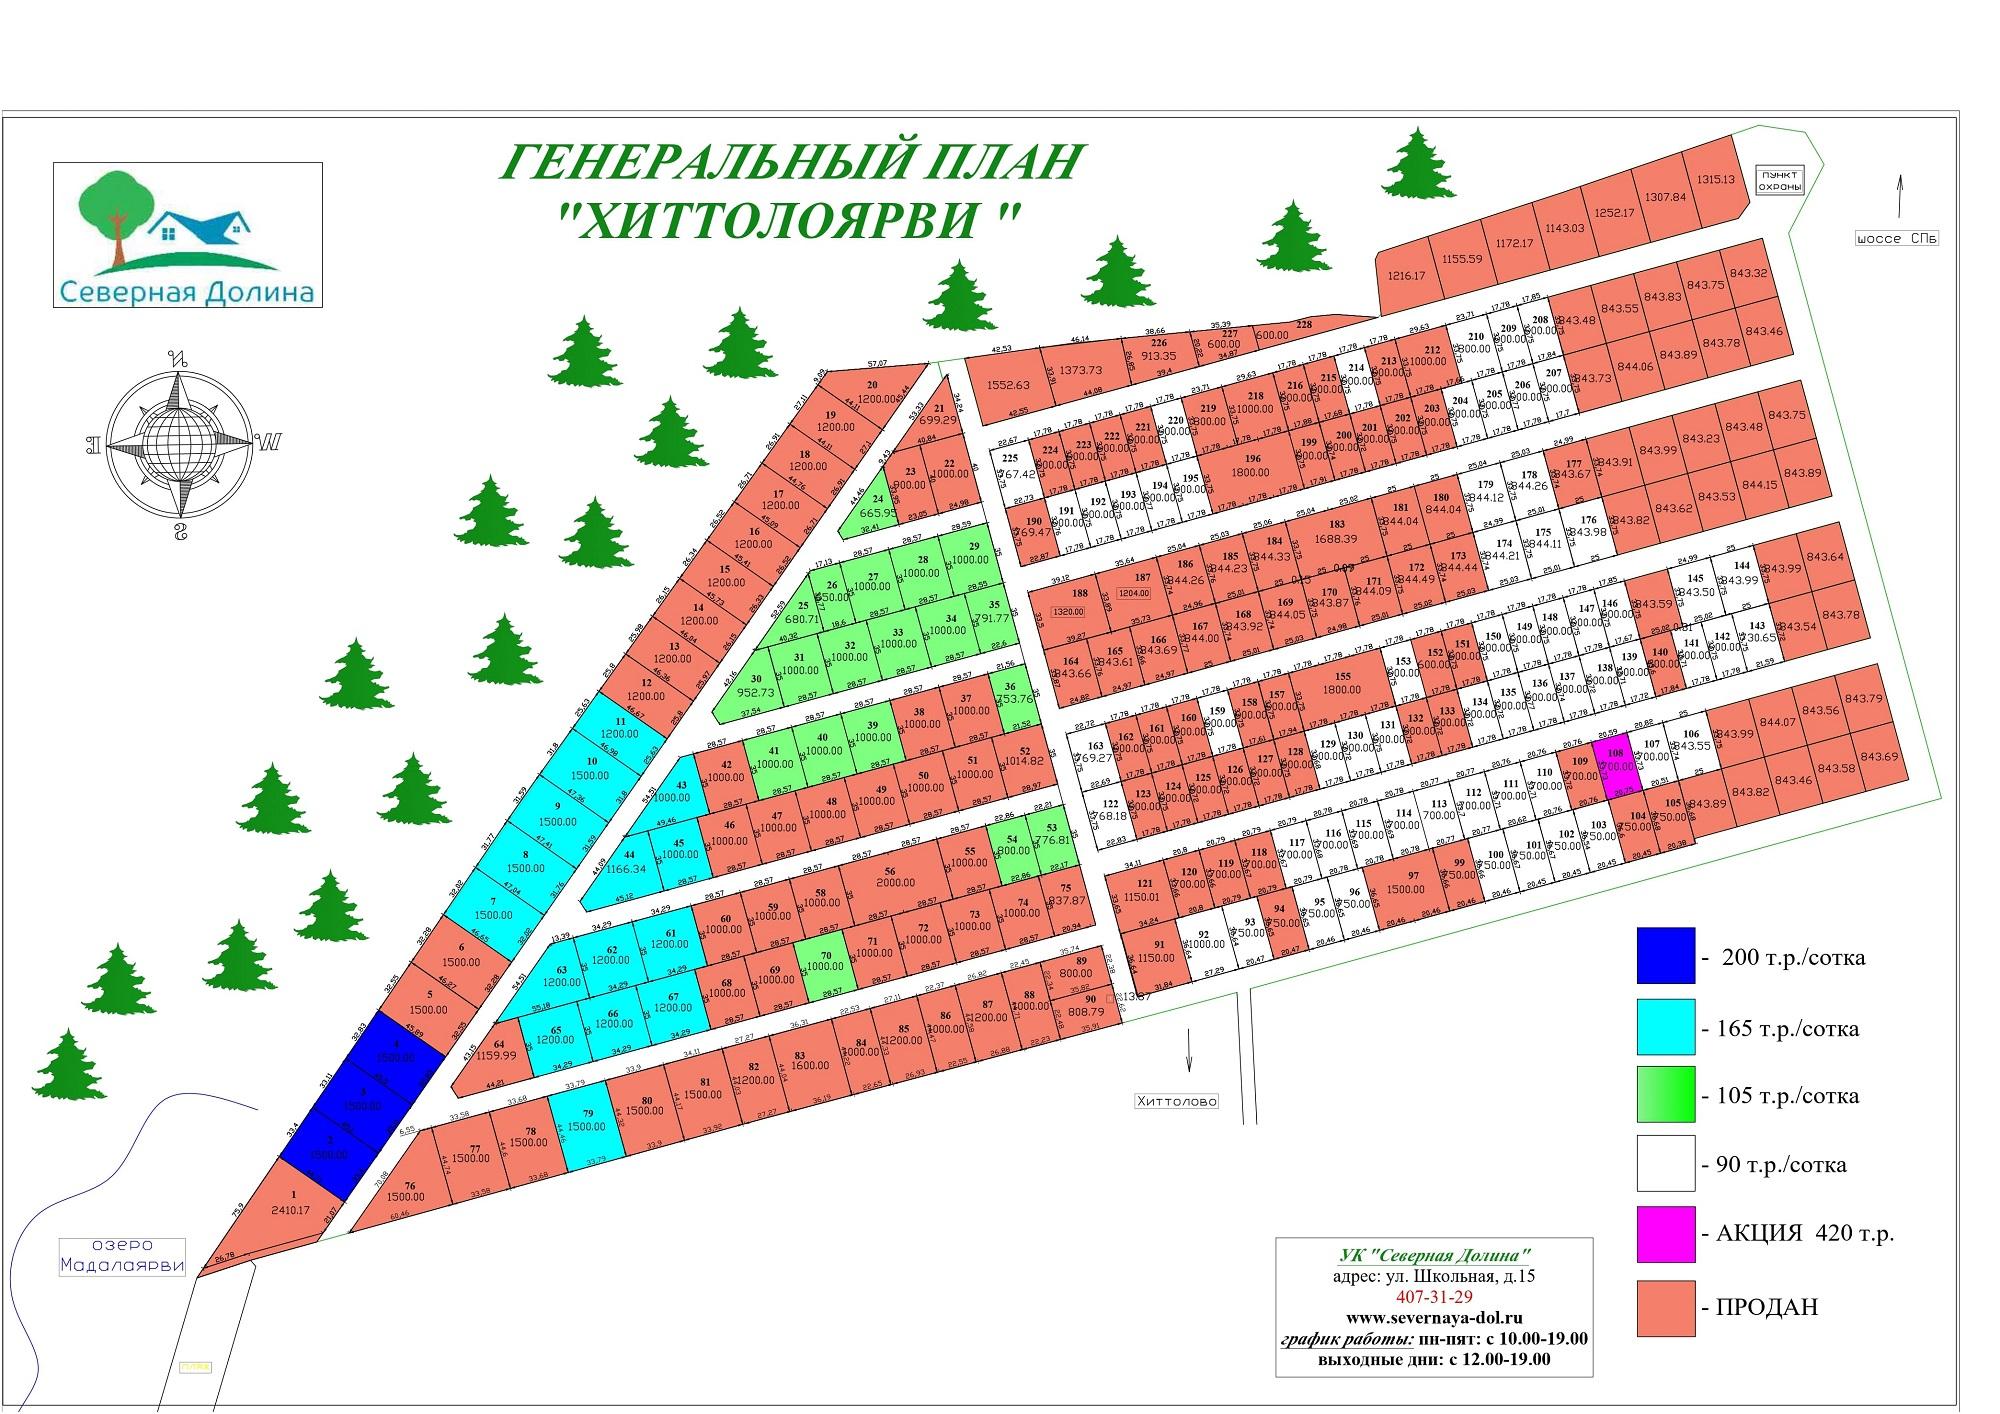 Генеральный план Хиттолоярви